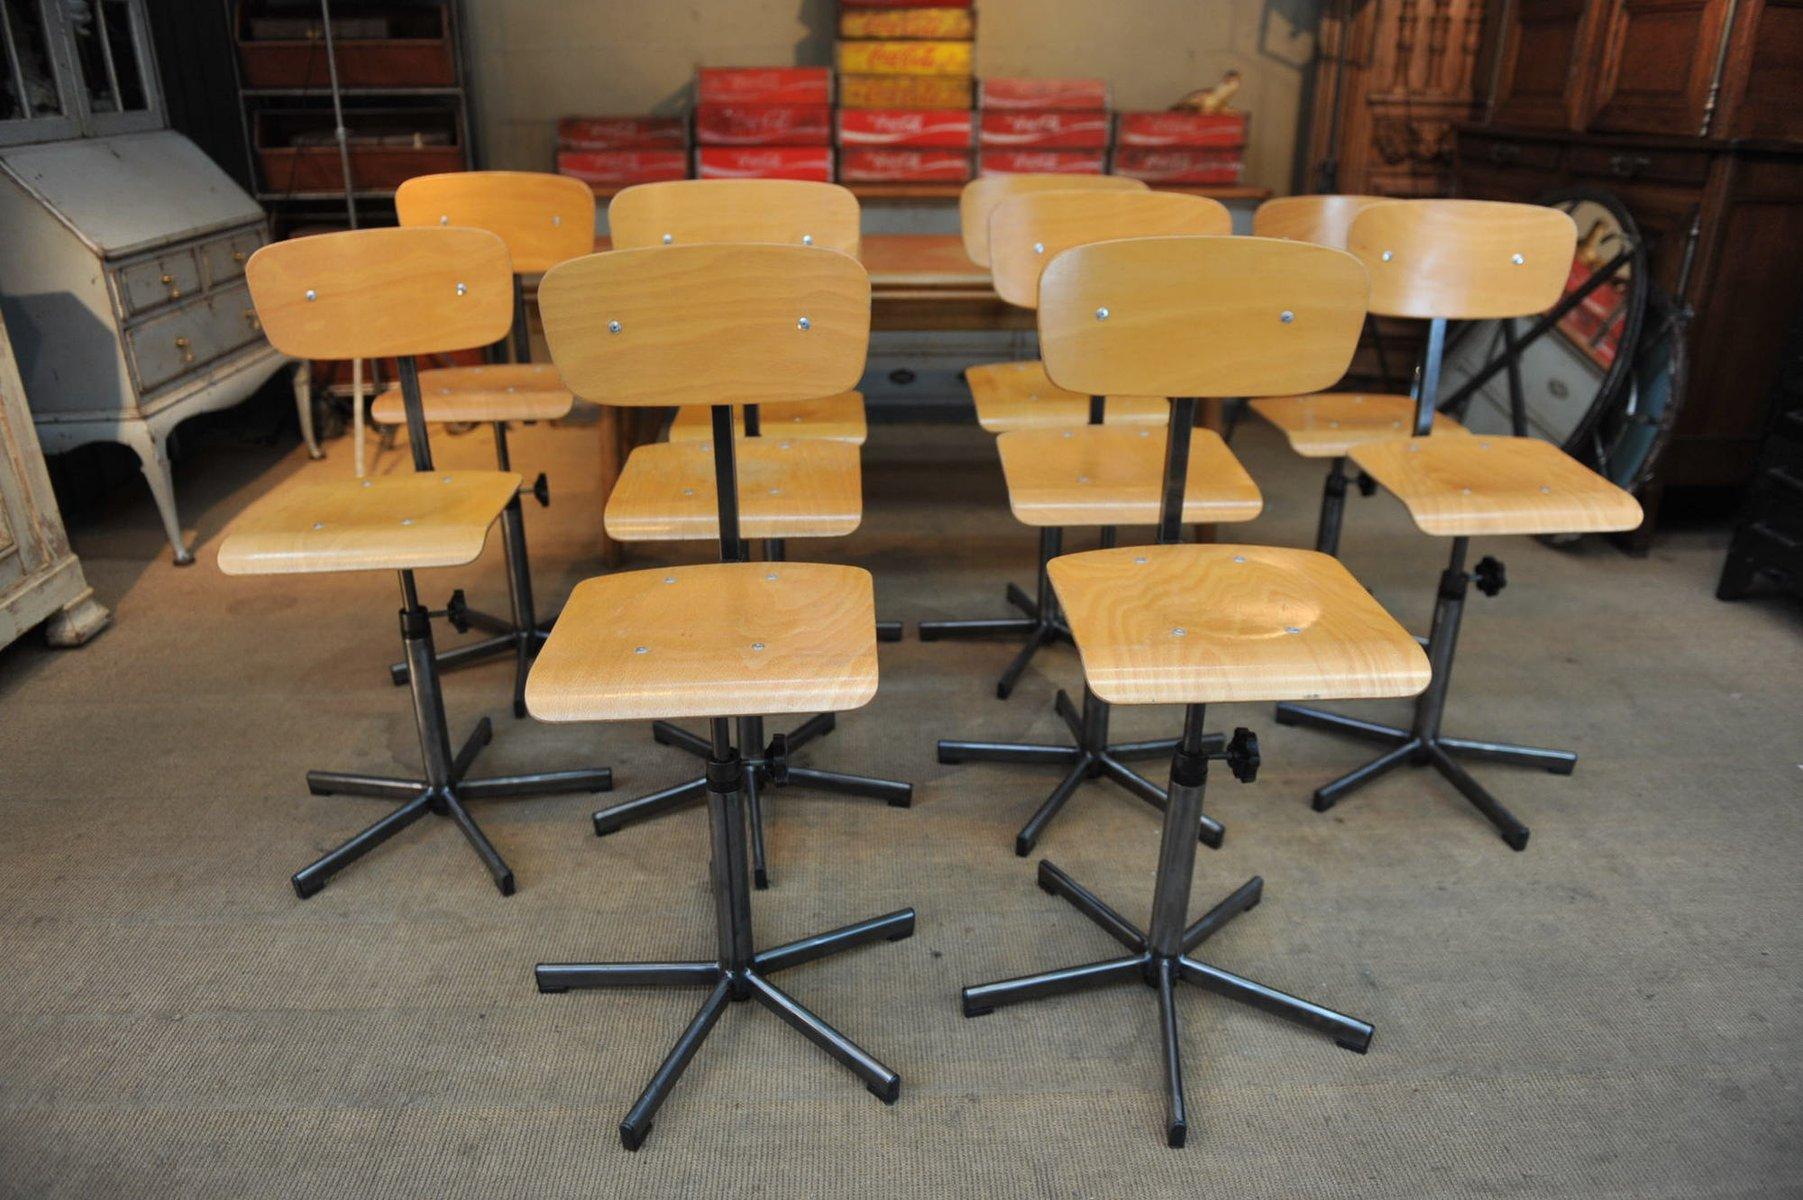 Sedia industriale e regolabile in metallo e legno anni 50 in vendita su Pamono